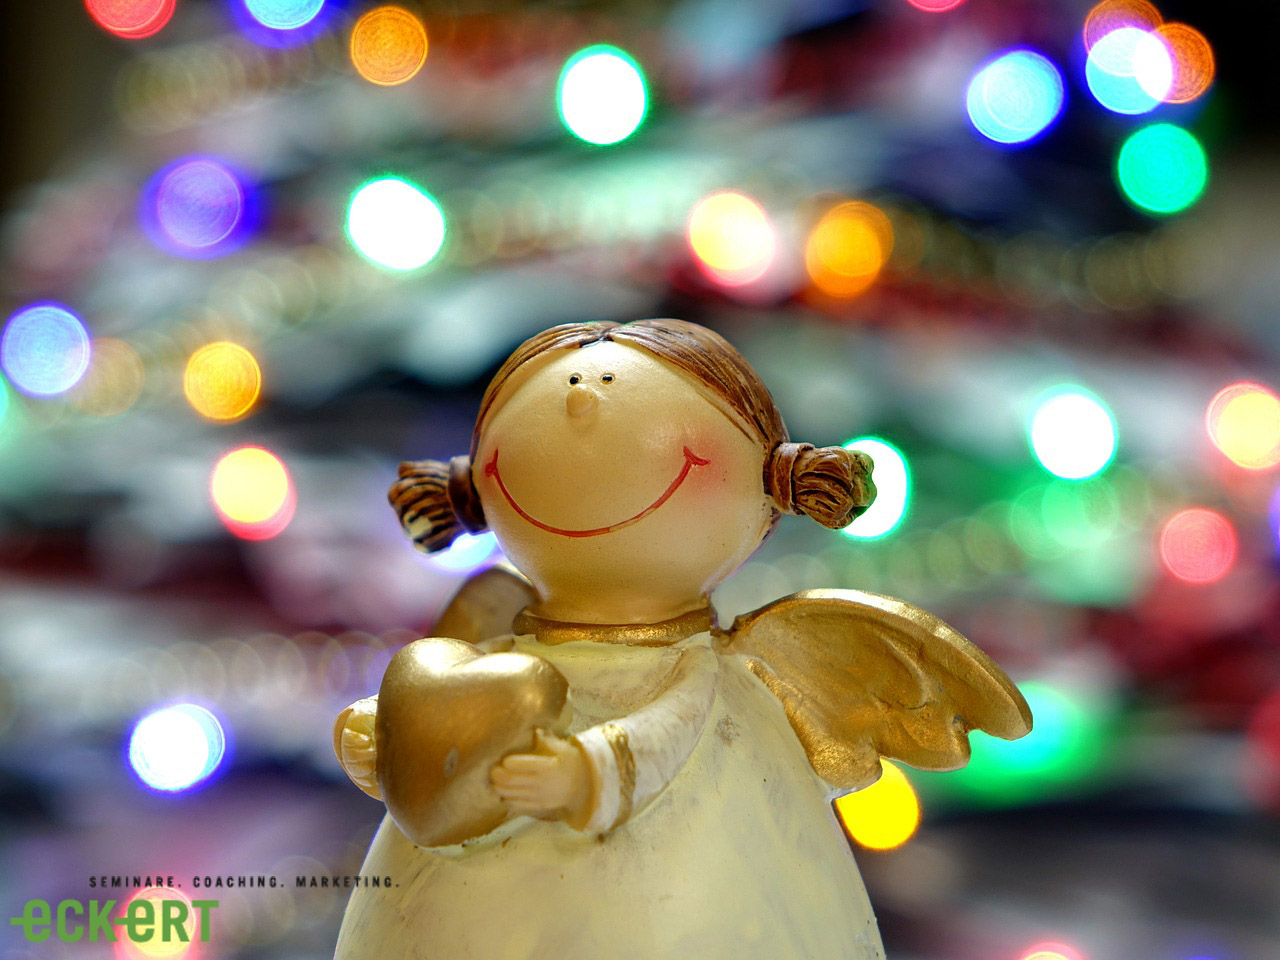 Wir wünschen Ihnen einen erholsamen 2. Weihnachtsfeiertag!